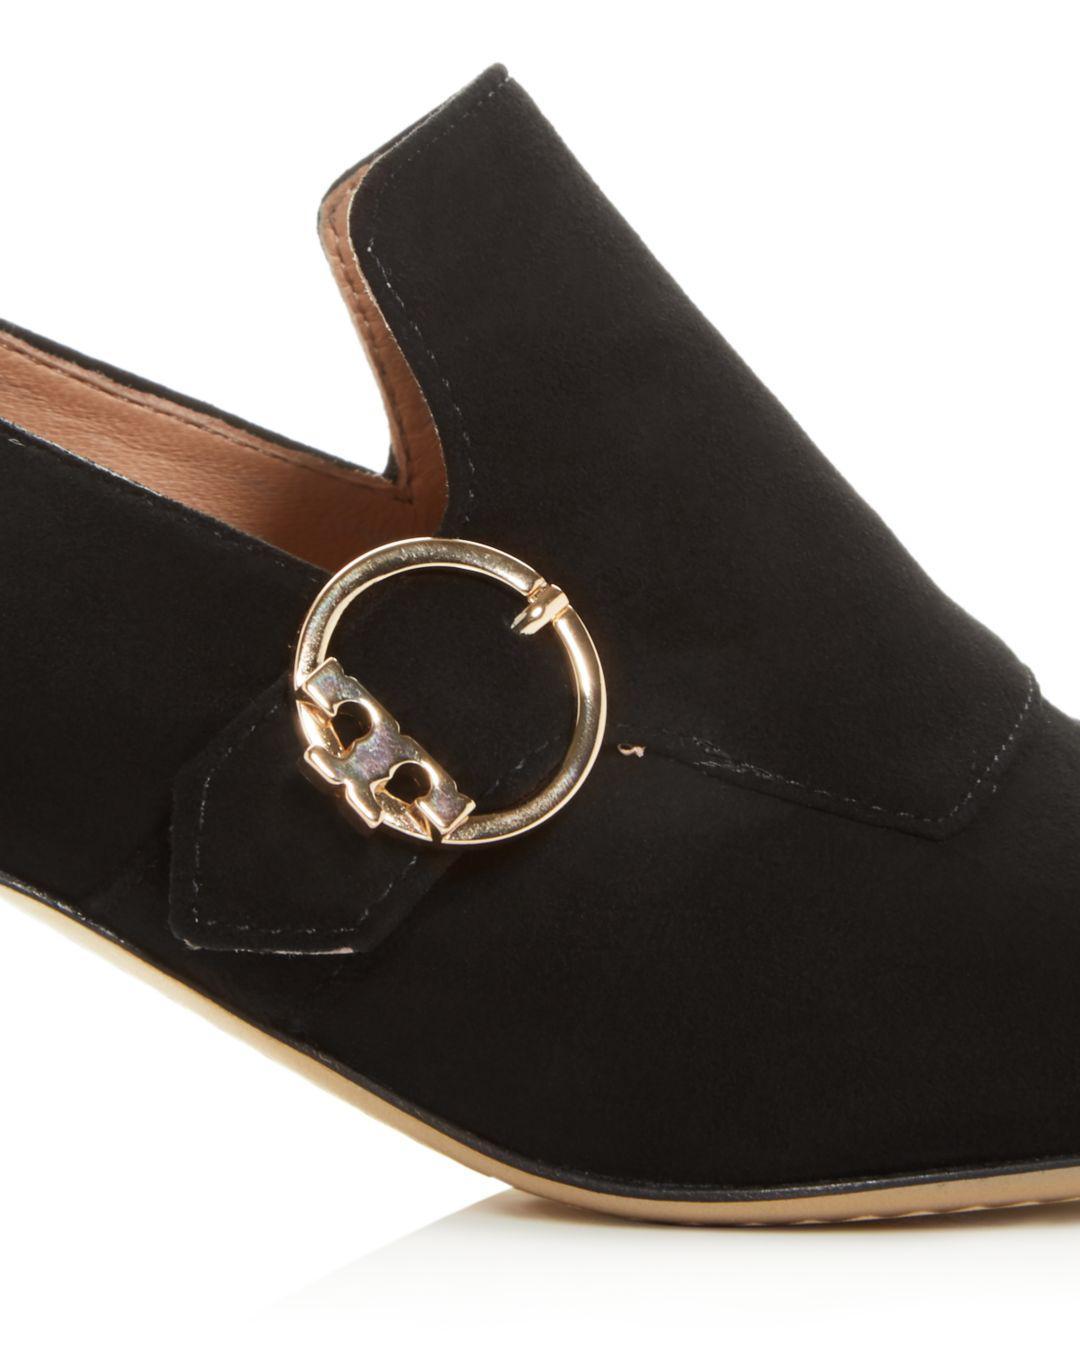 aa38ca739a5 Lyst - Tory Burch Women s Tess Block-heel Loafers in Black